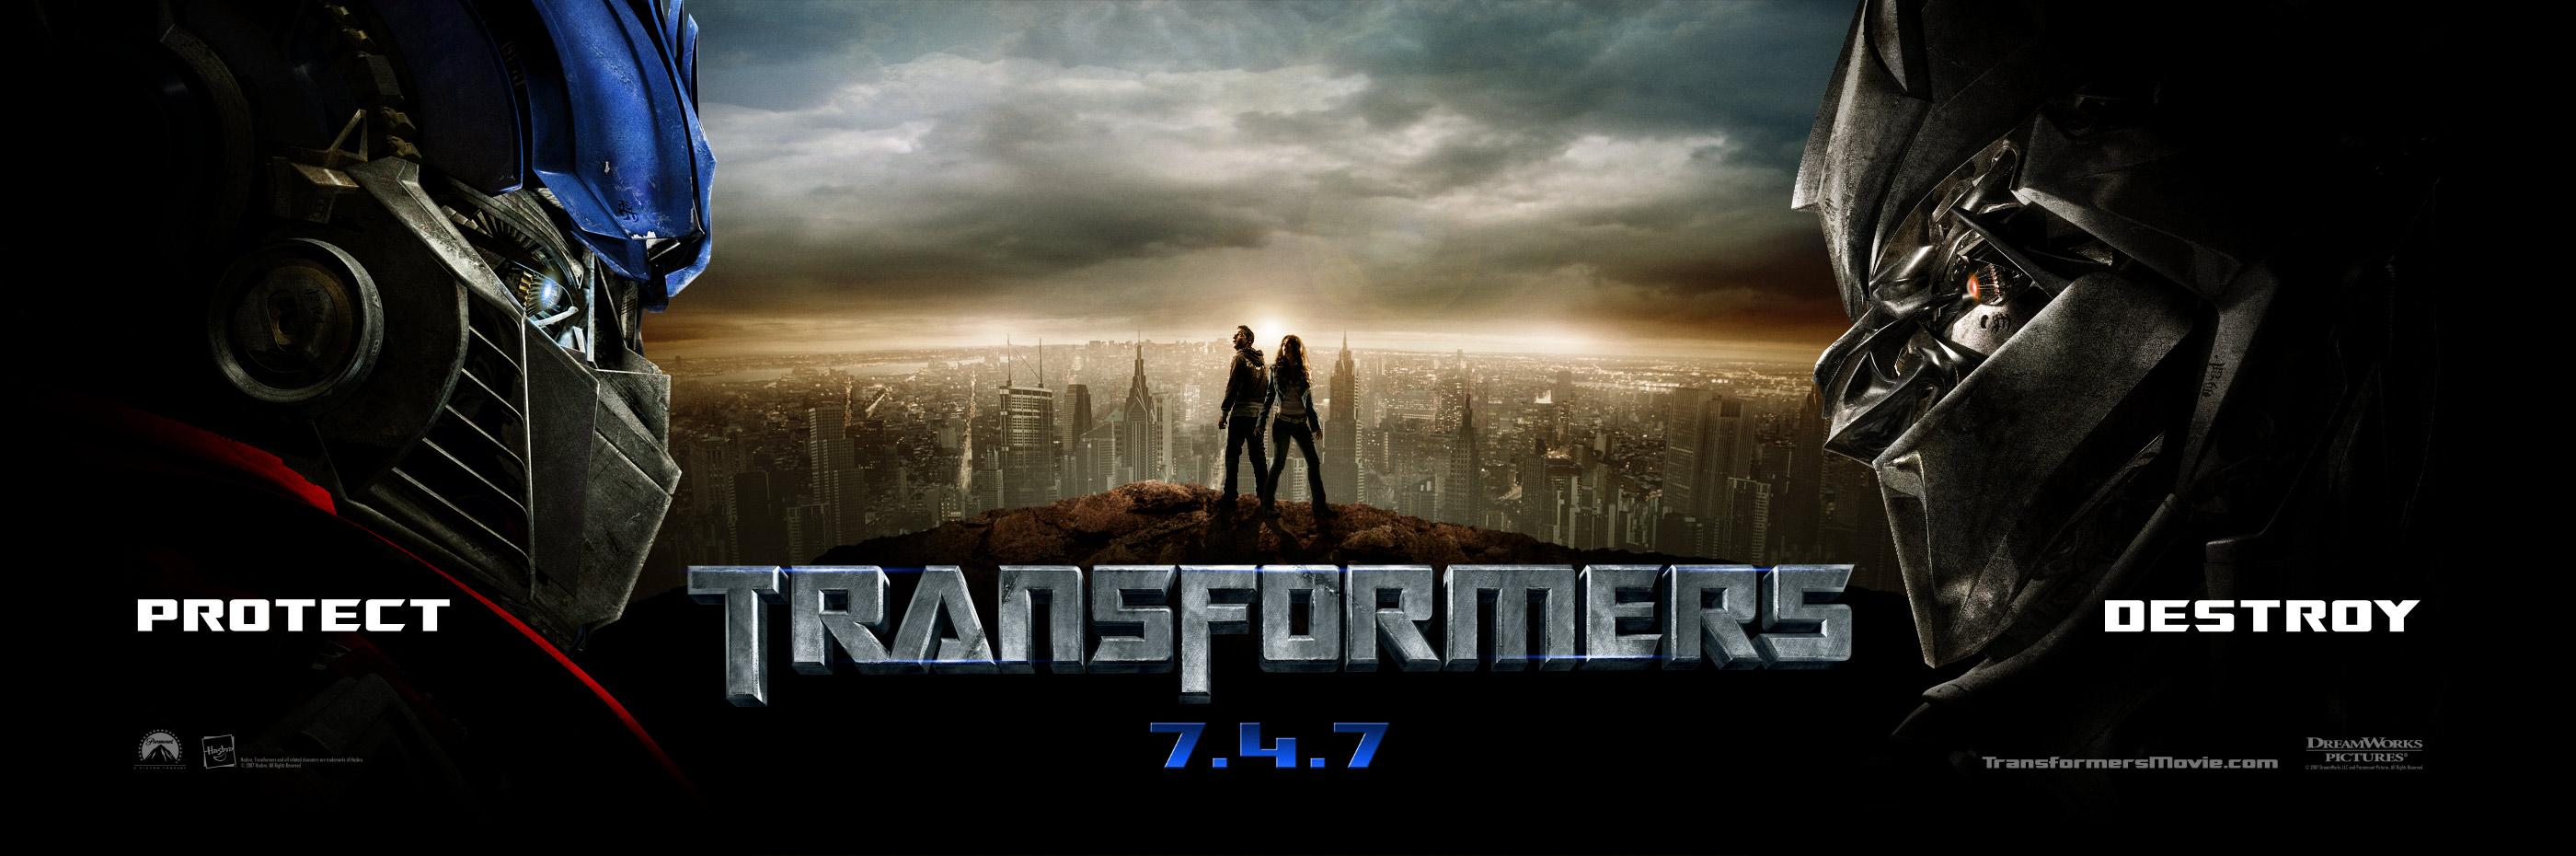 Unicron.com Transformers News - 2007 Transformers 2007